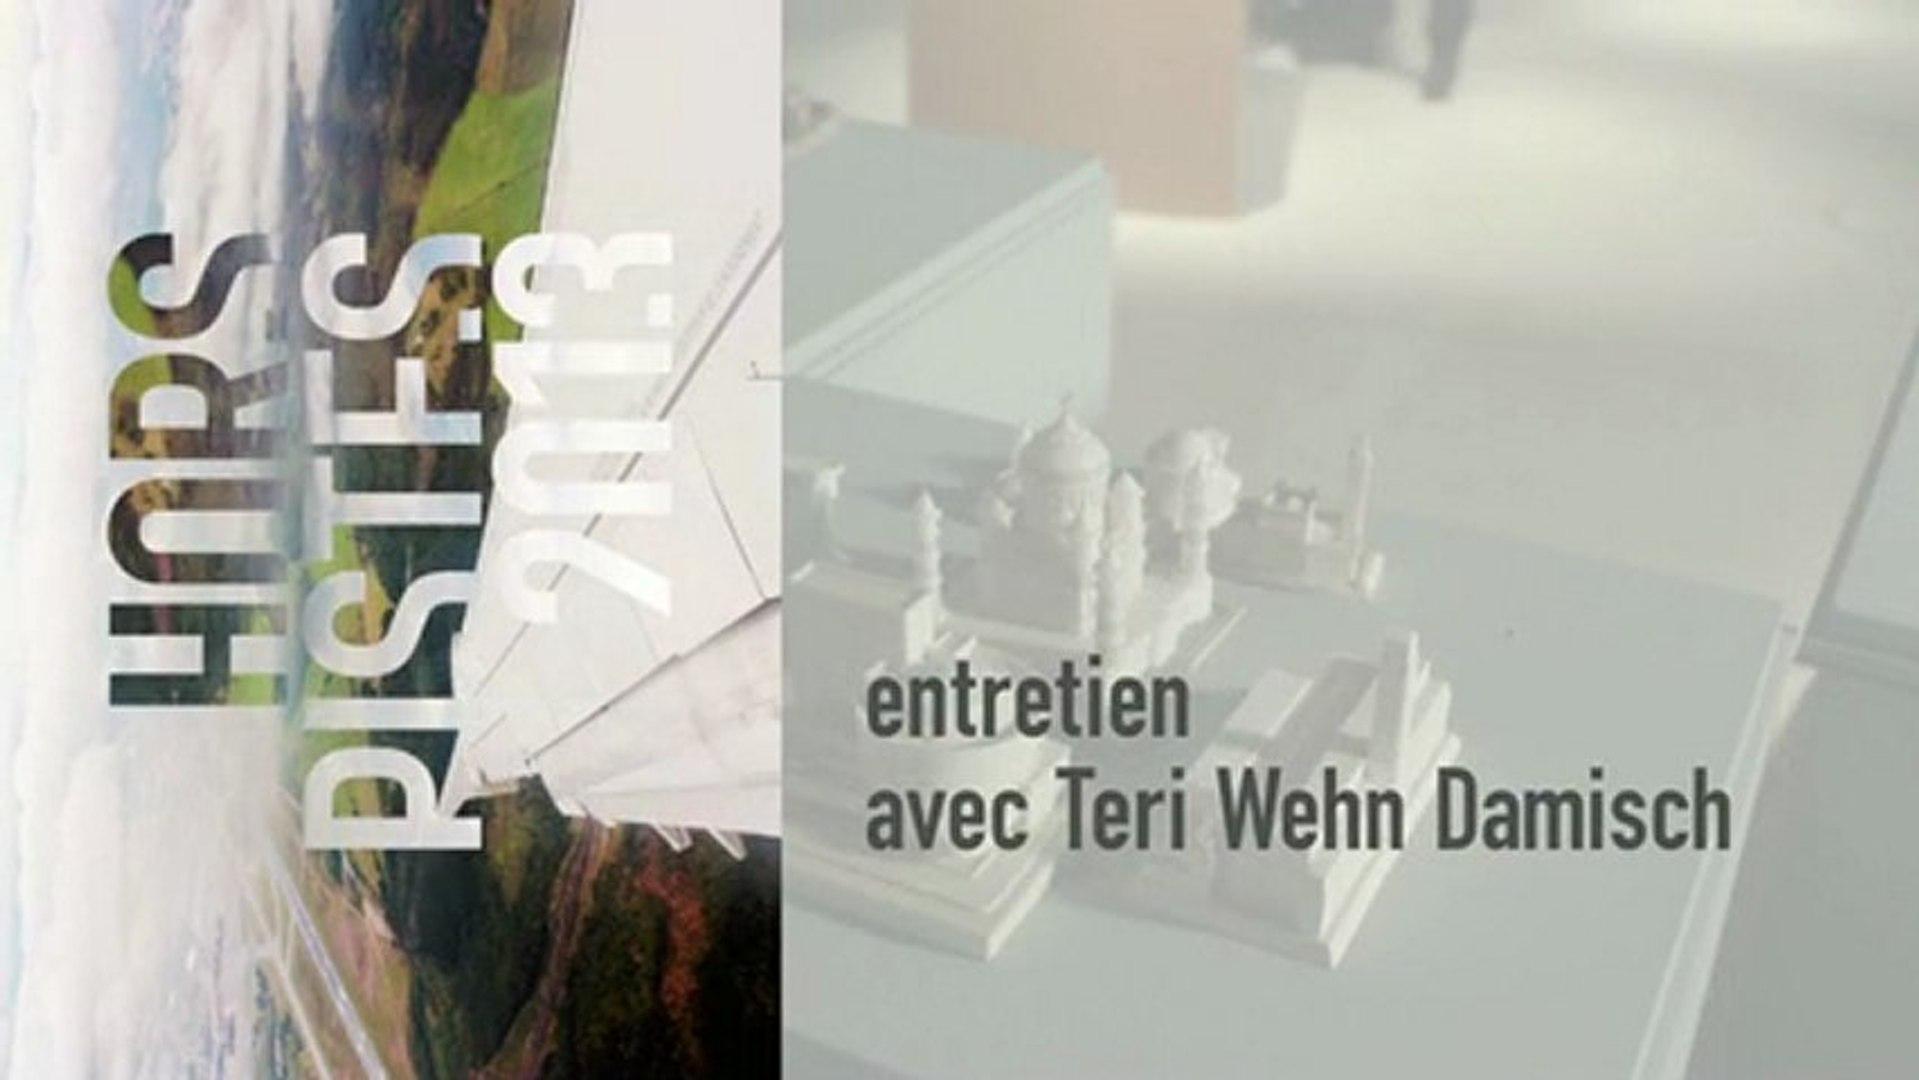 Entretien avec Teri Wehn Damisch autour de Hors Pistes 2013 - cycle du 18 janvier 2013 au  3 février